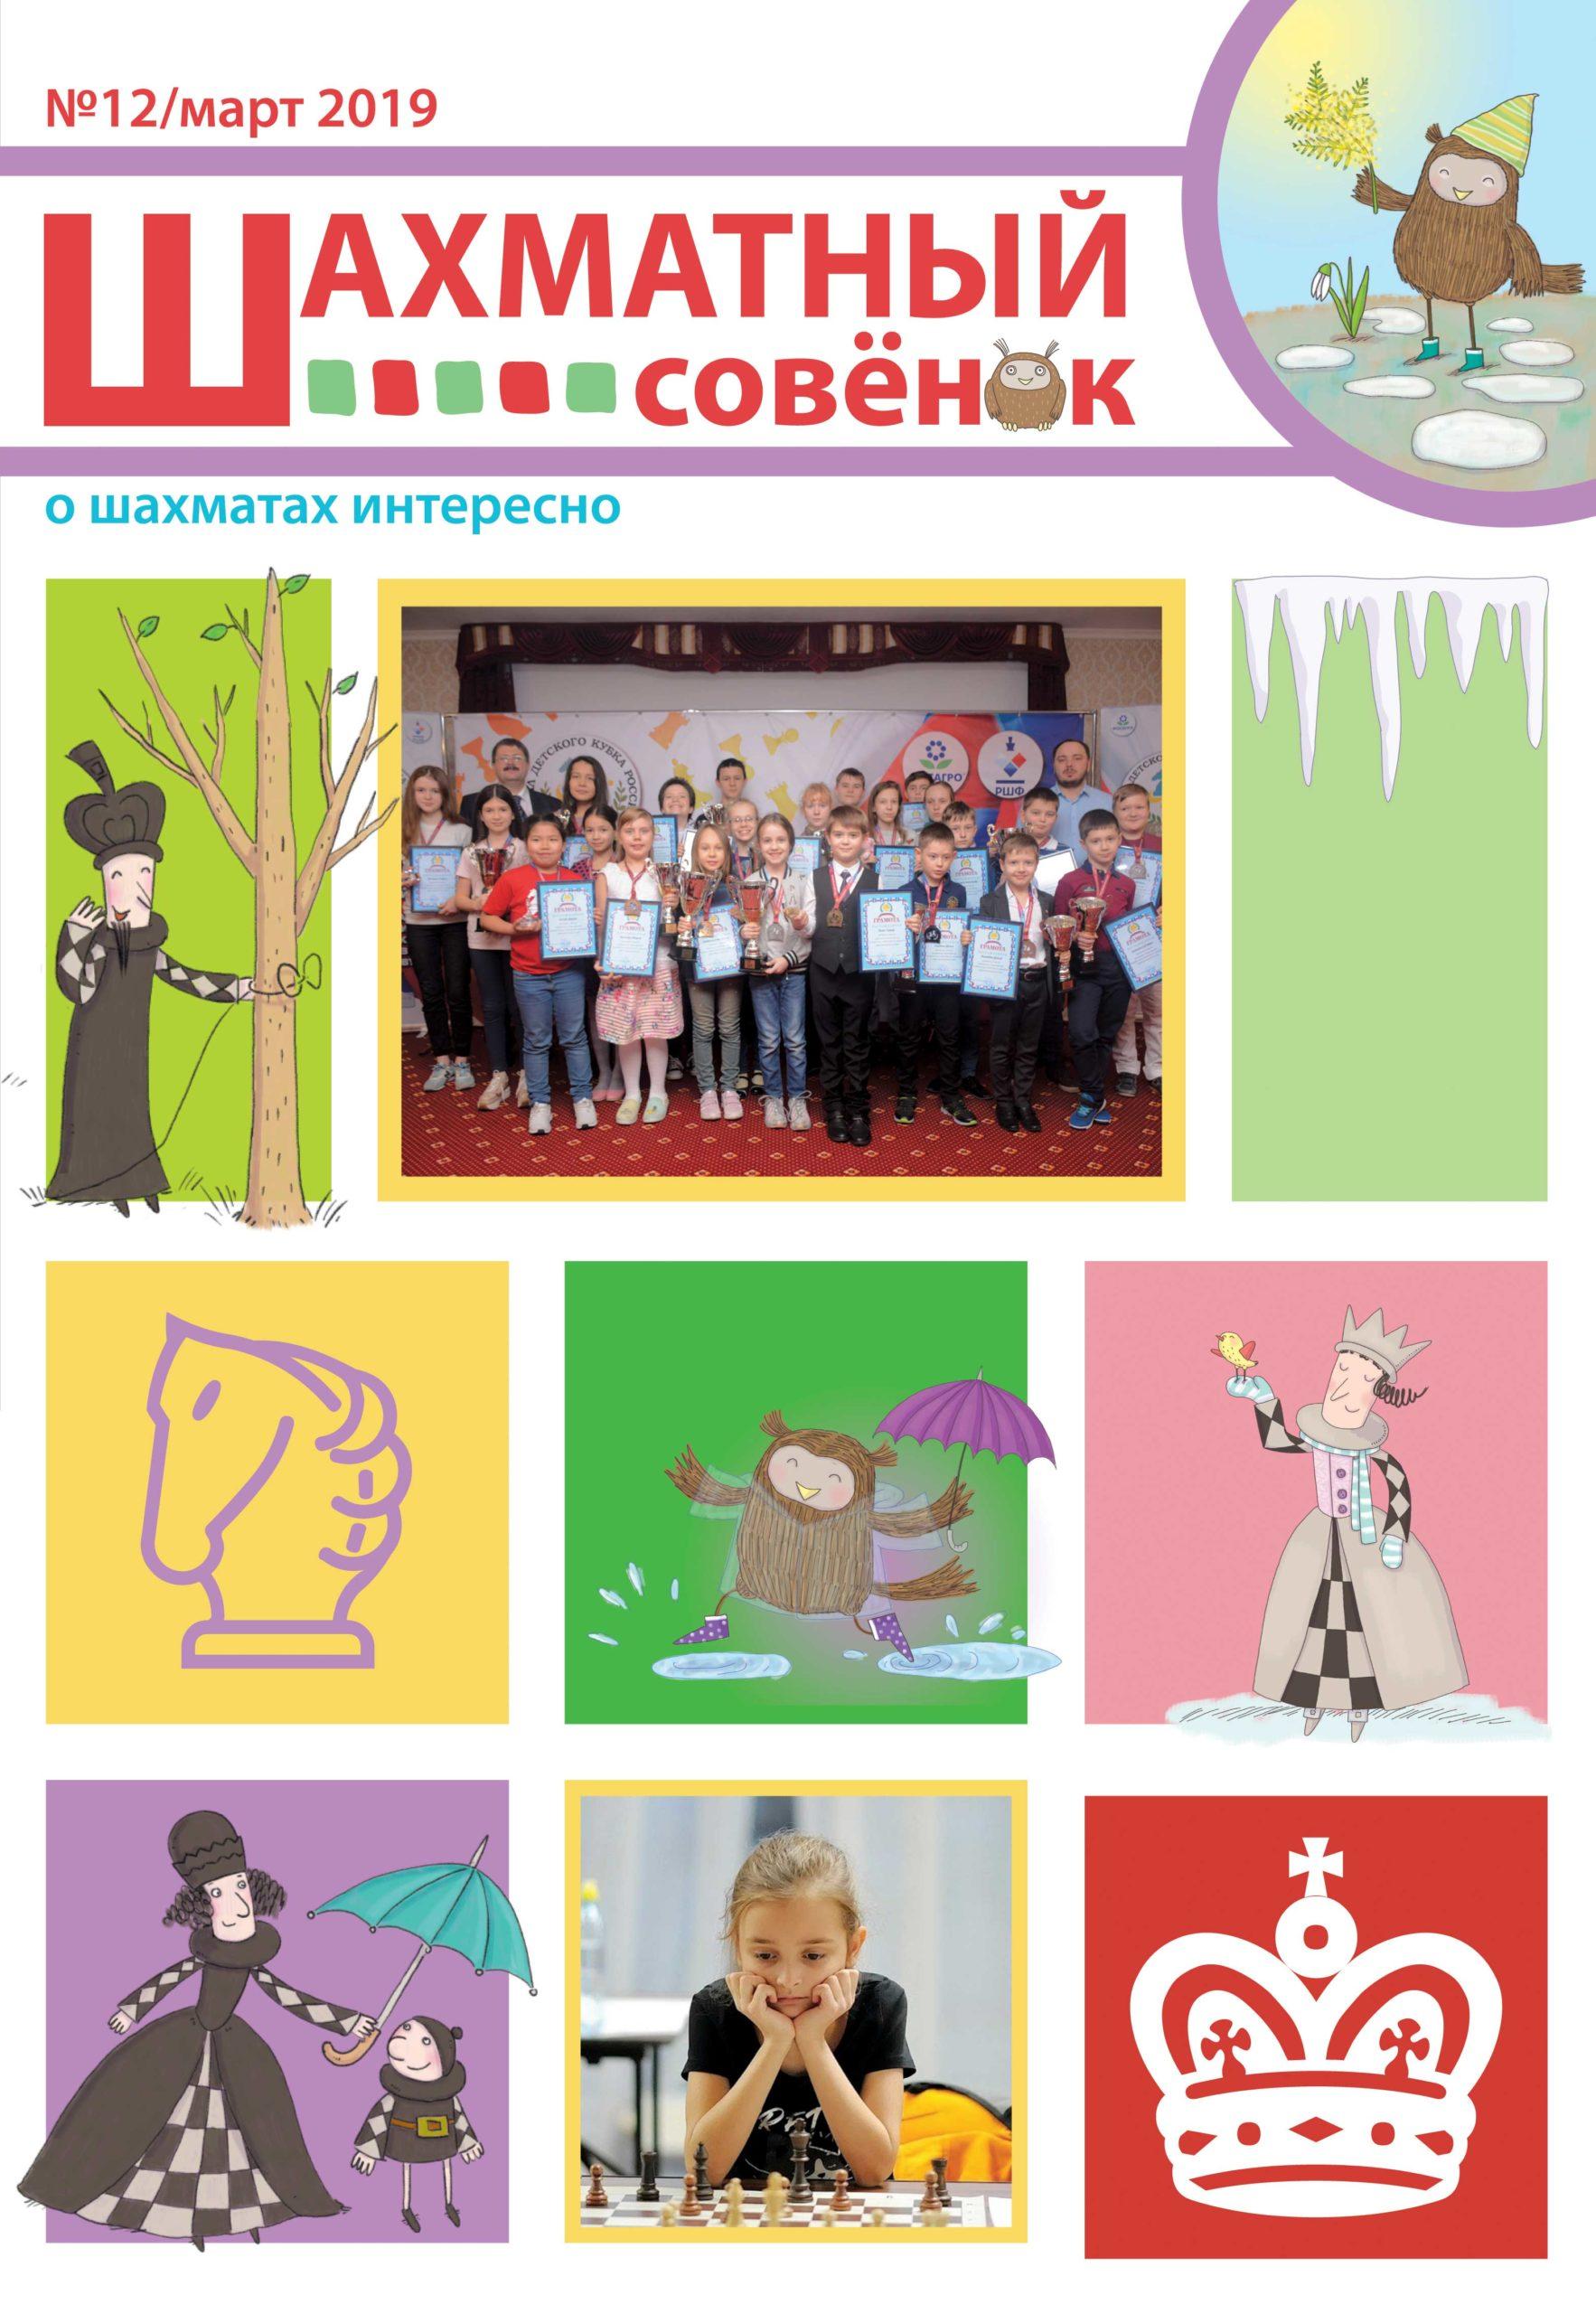 Вышел двенадцатый выпуск журнала «Шахматный Совёнок»